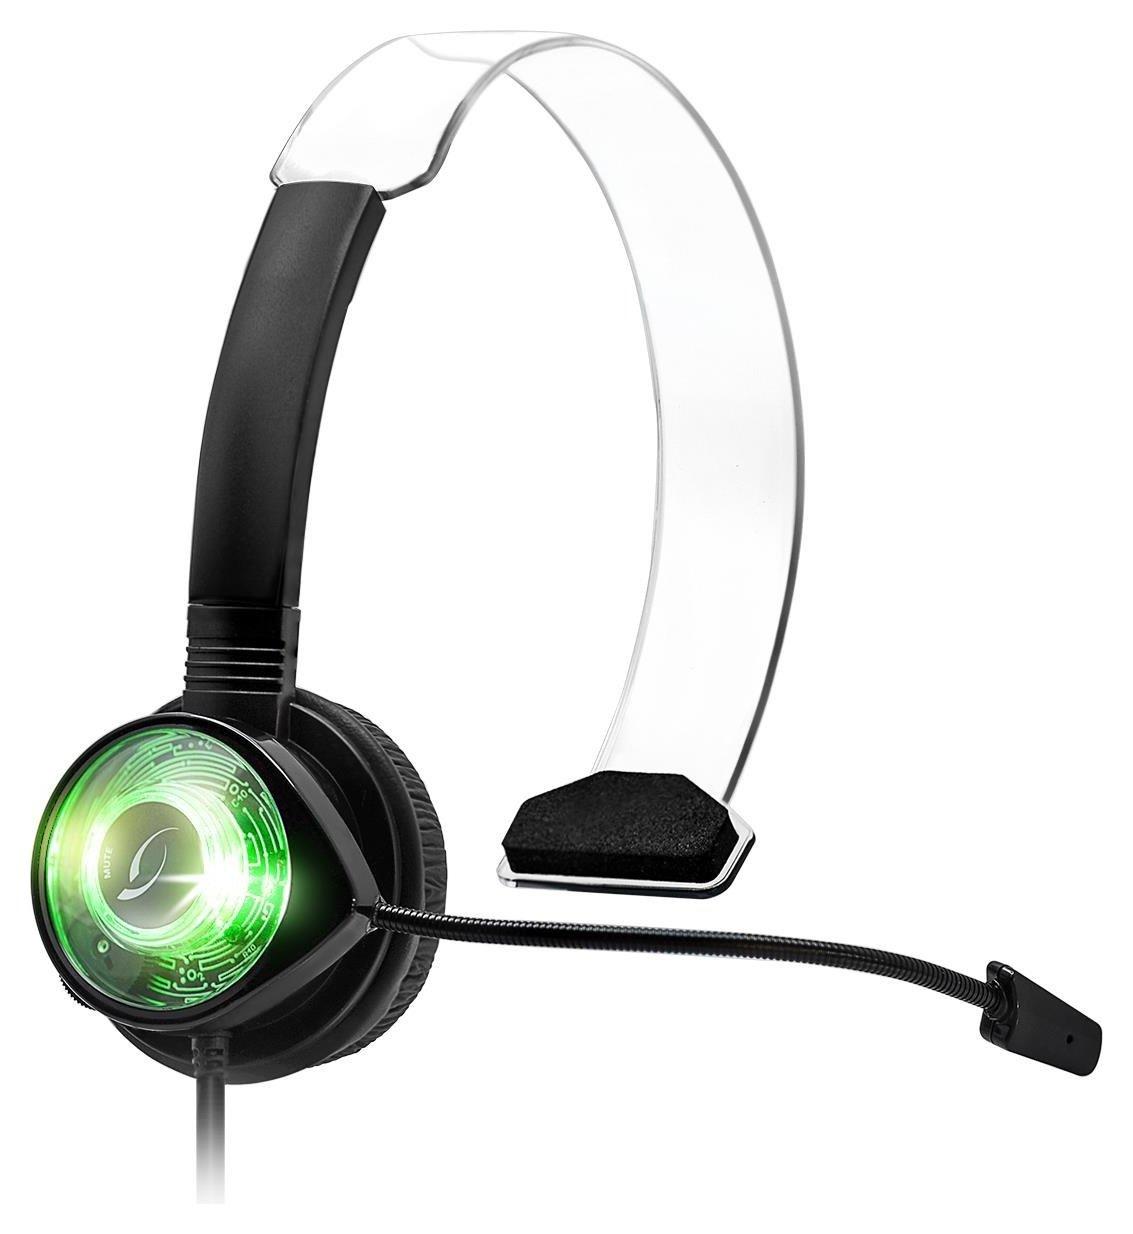 Afterglow Mono Communicator Xbox 360 Headset